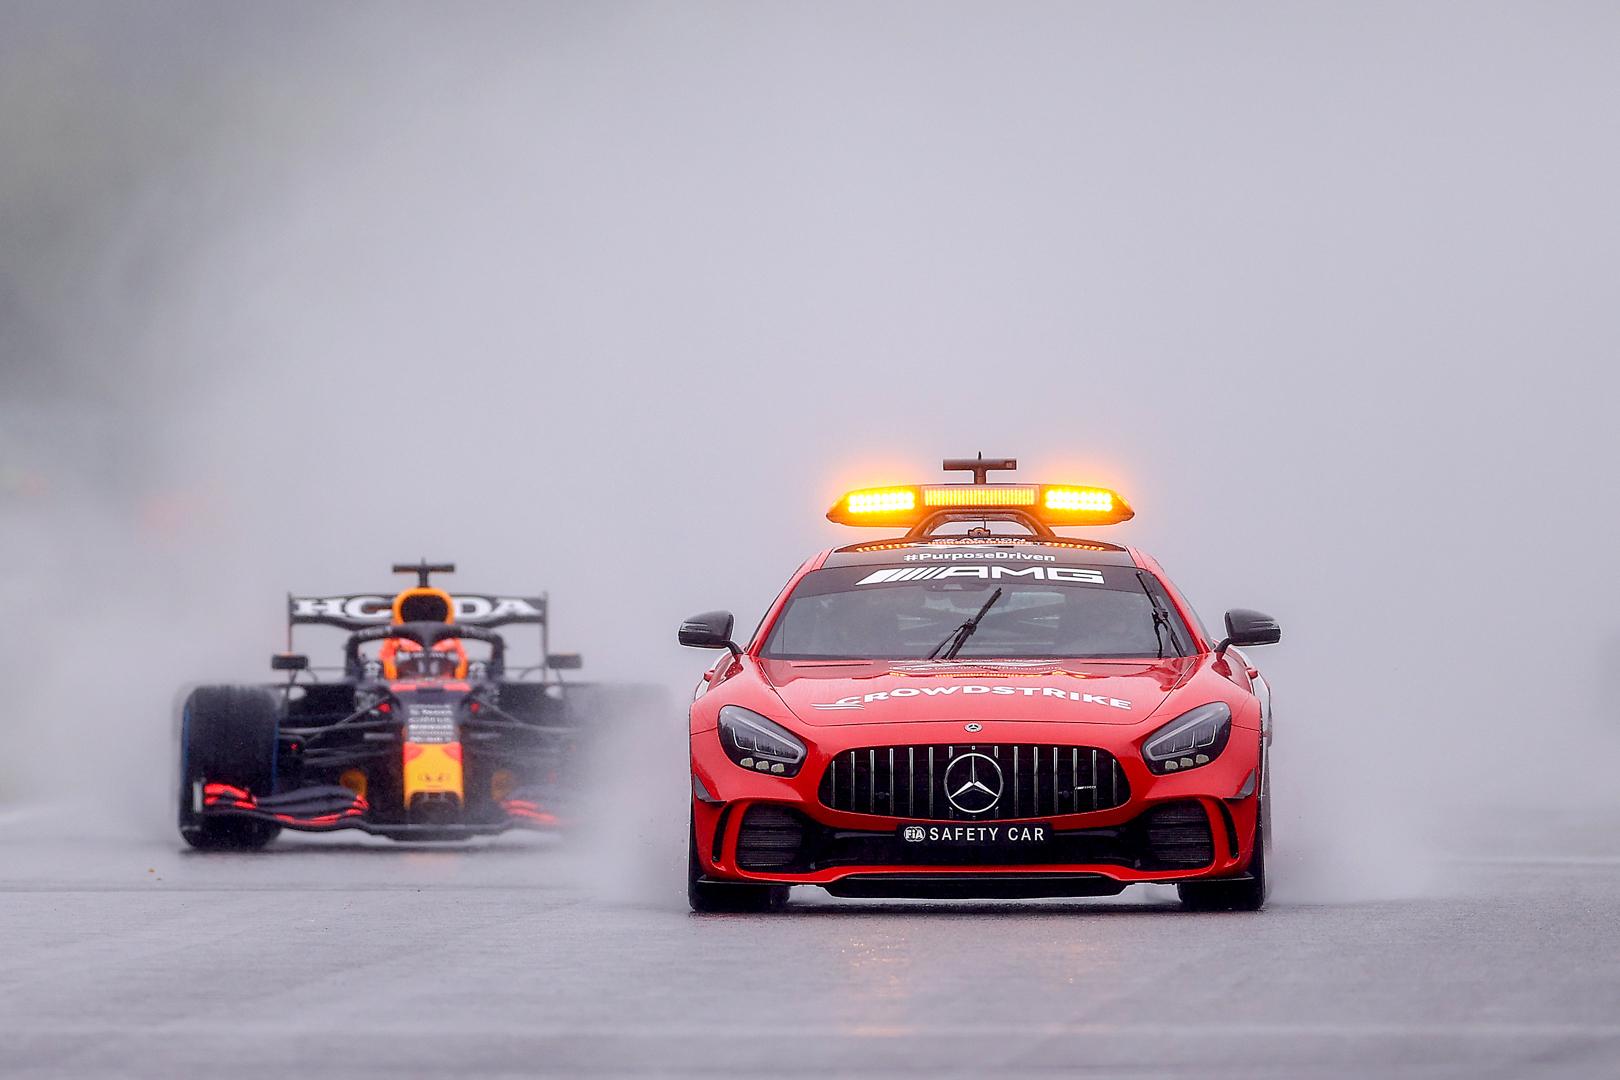 Verstappen wins the shortest race in F1 history #BelgianGP